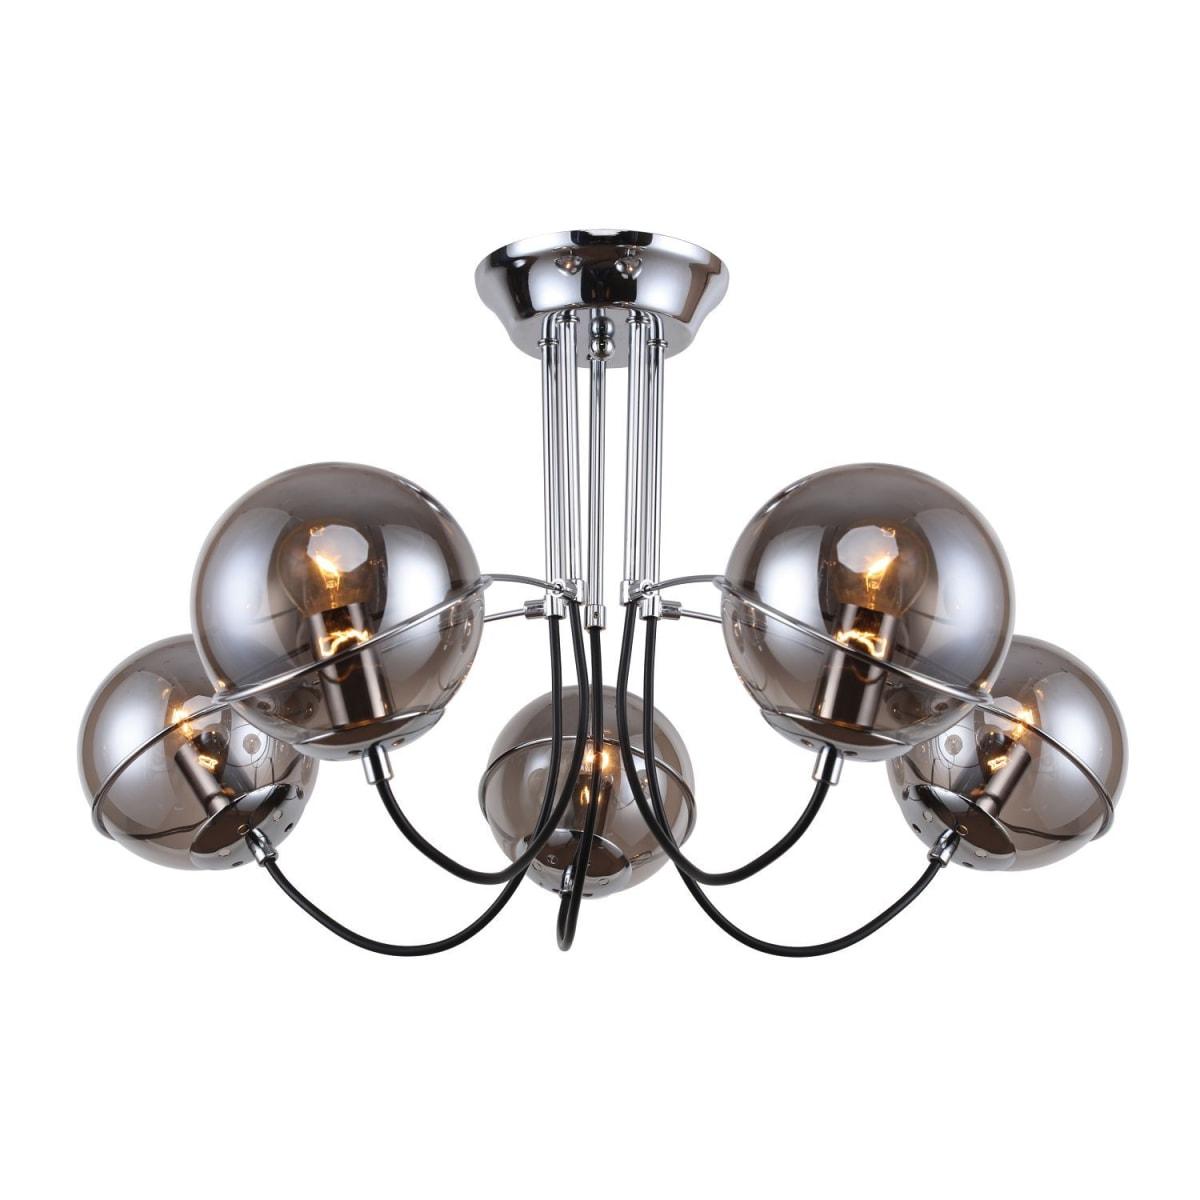 Люстра F-promo Grana 2201-5U 5 ламп 10 м²